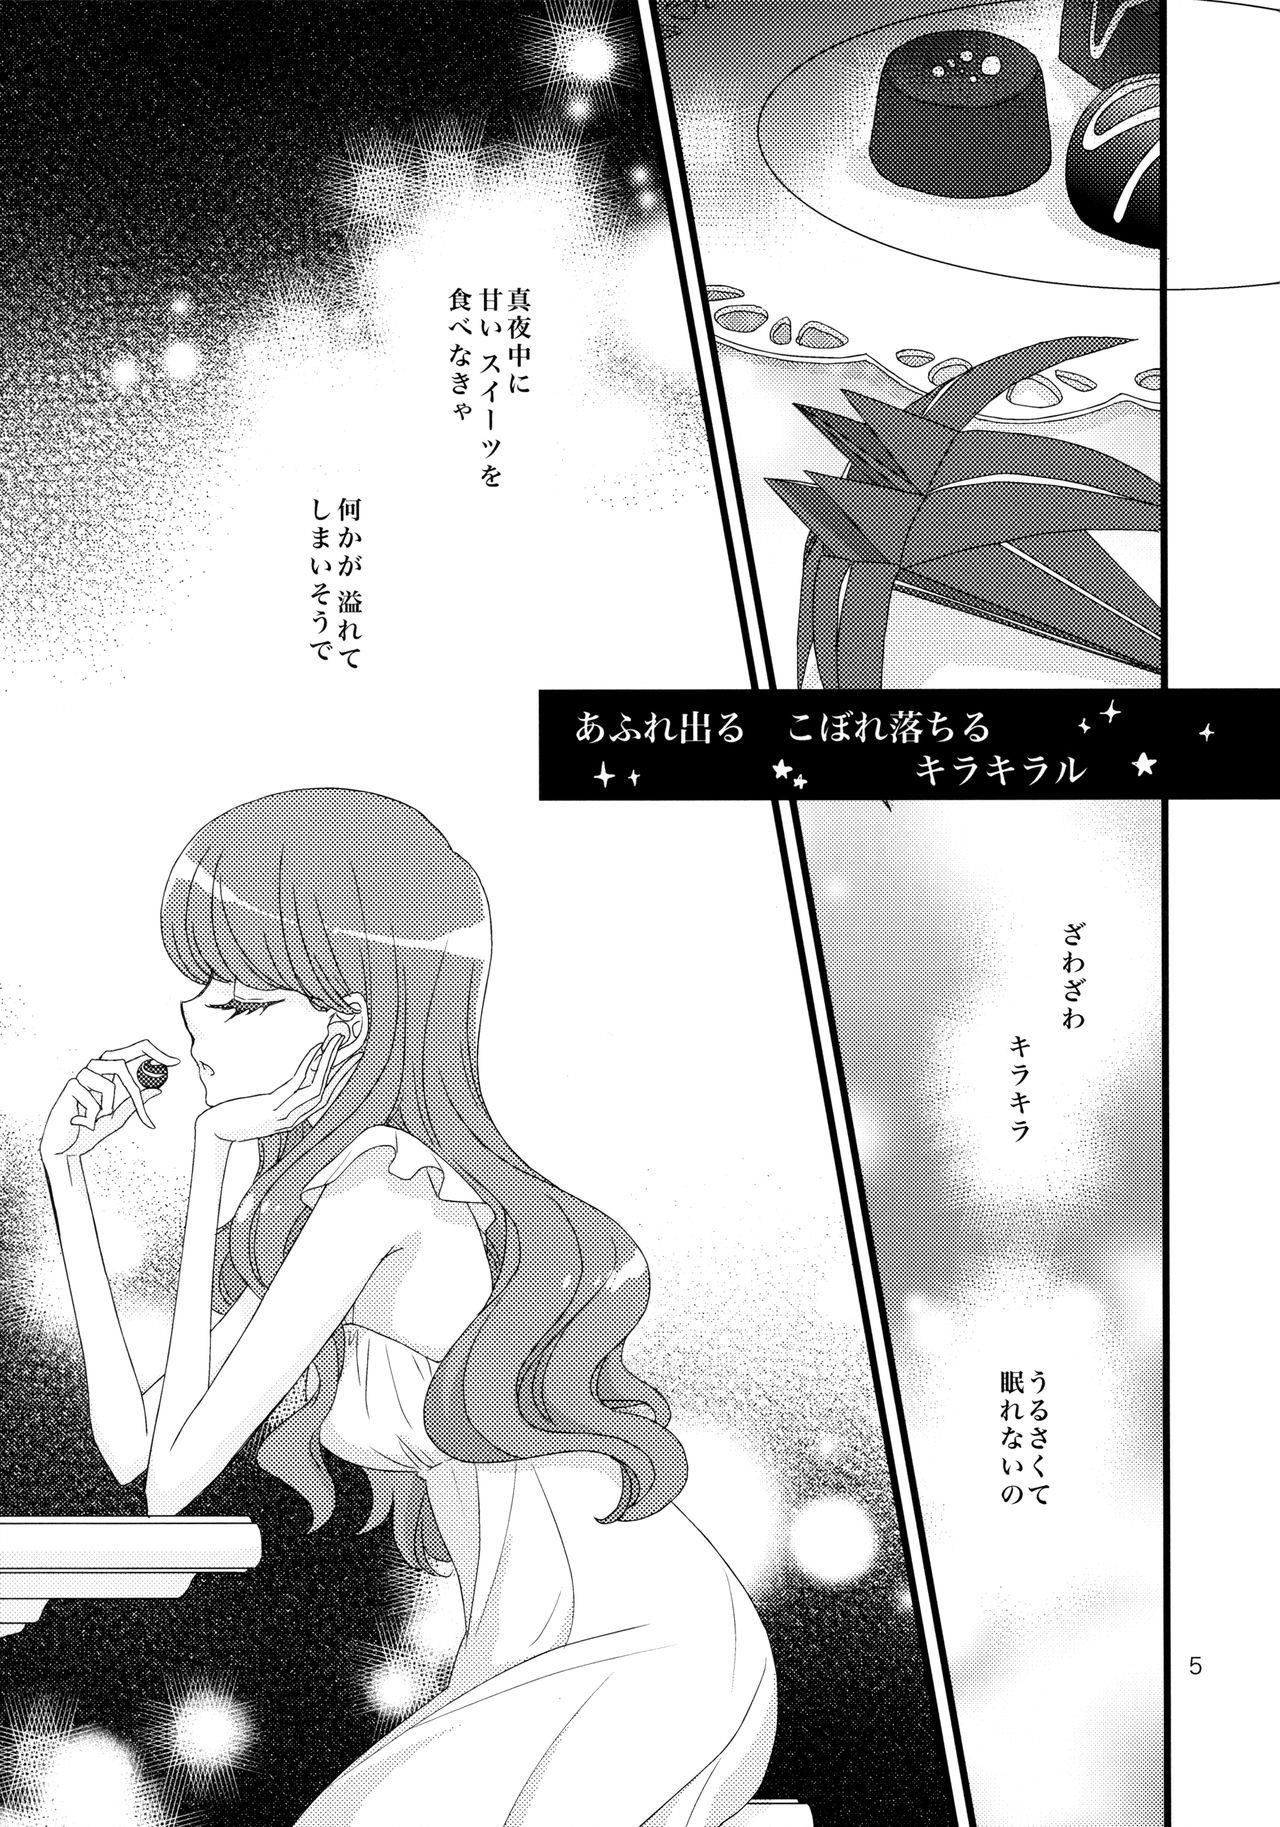 Afurederu Koboreochiru Kirakiraru 4